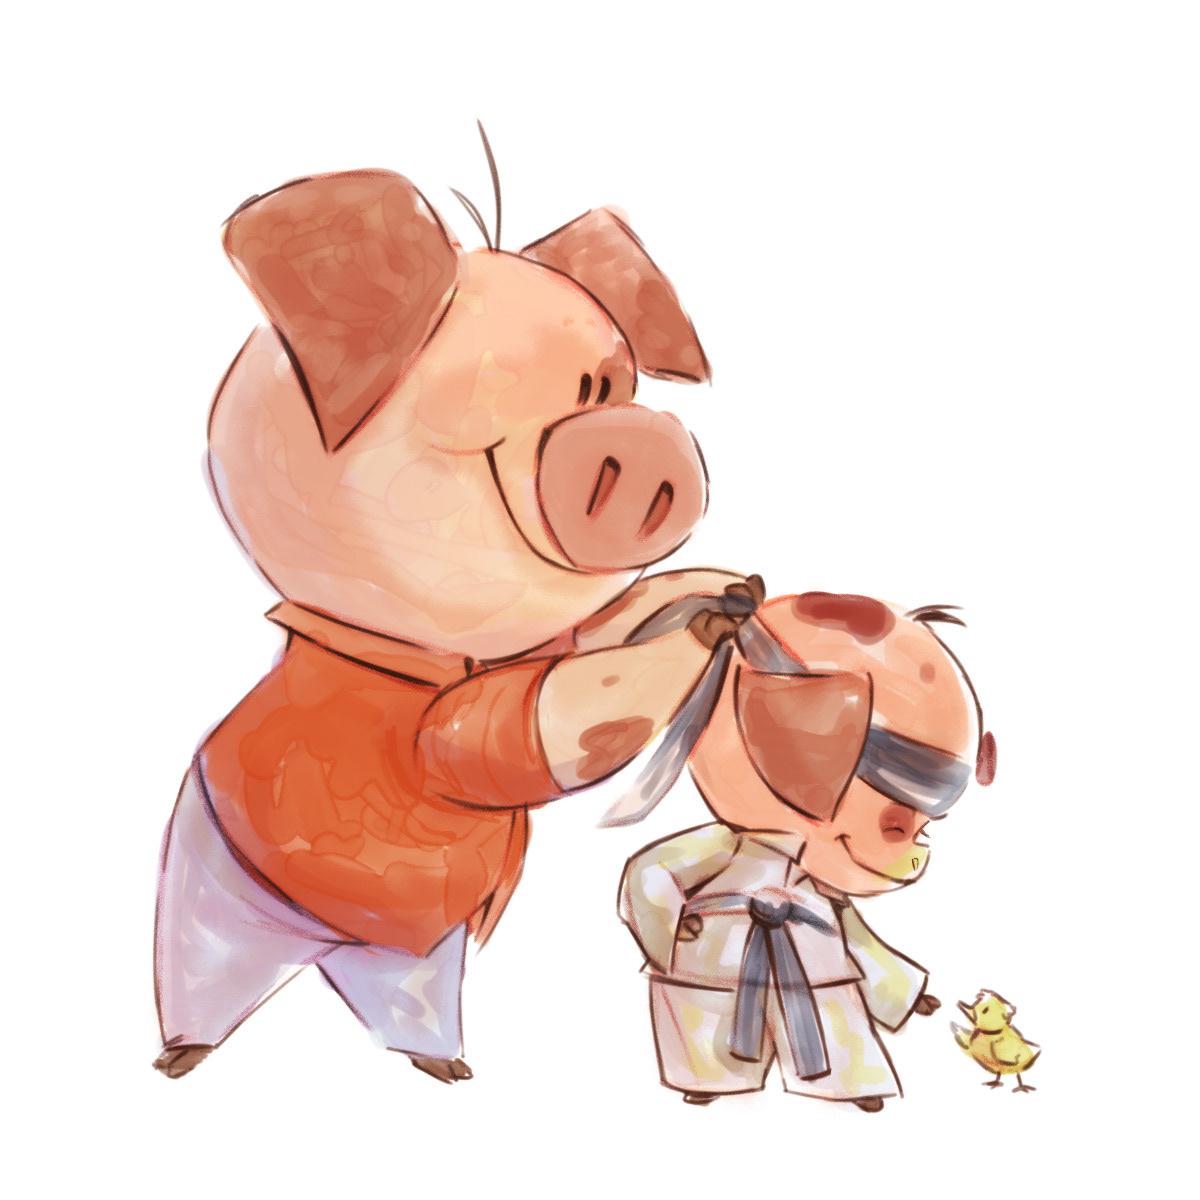 pig sketch ILLUSTRATION  2D digital cute cartoon small kid children's